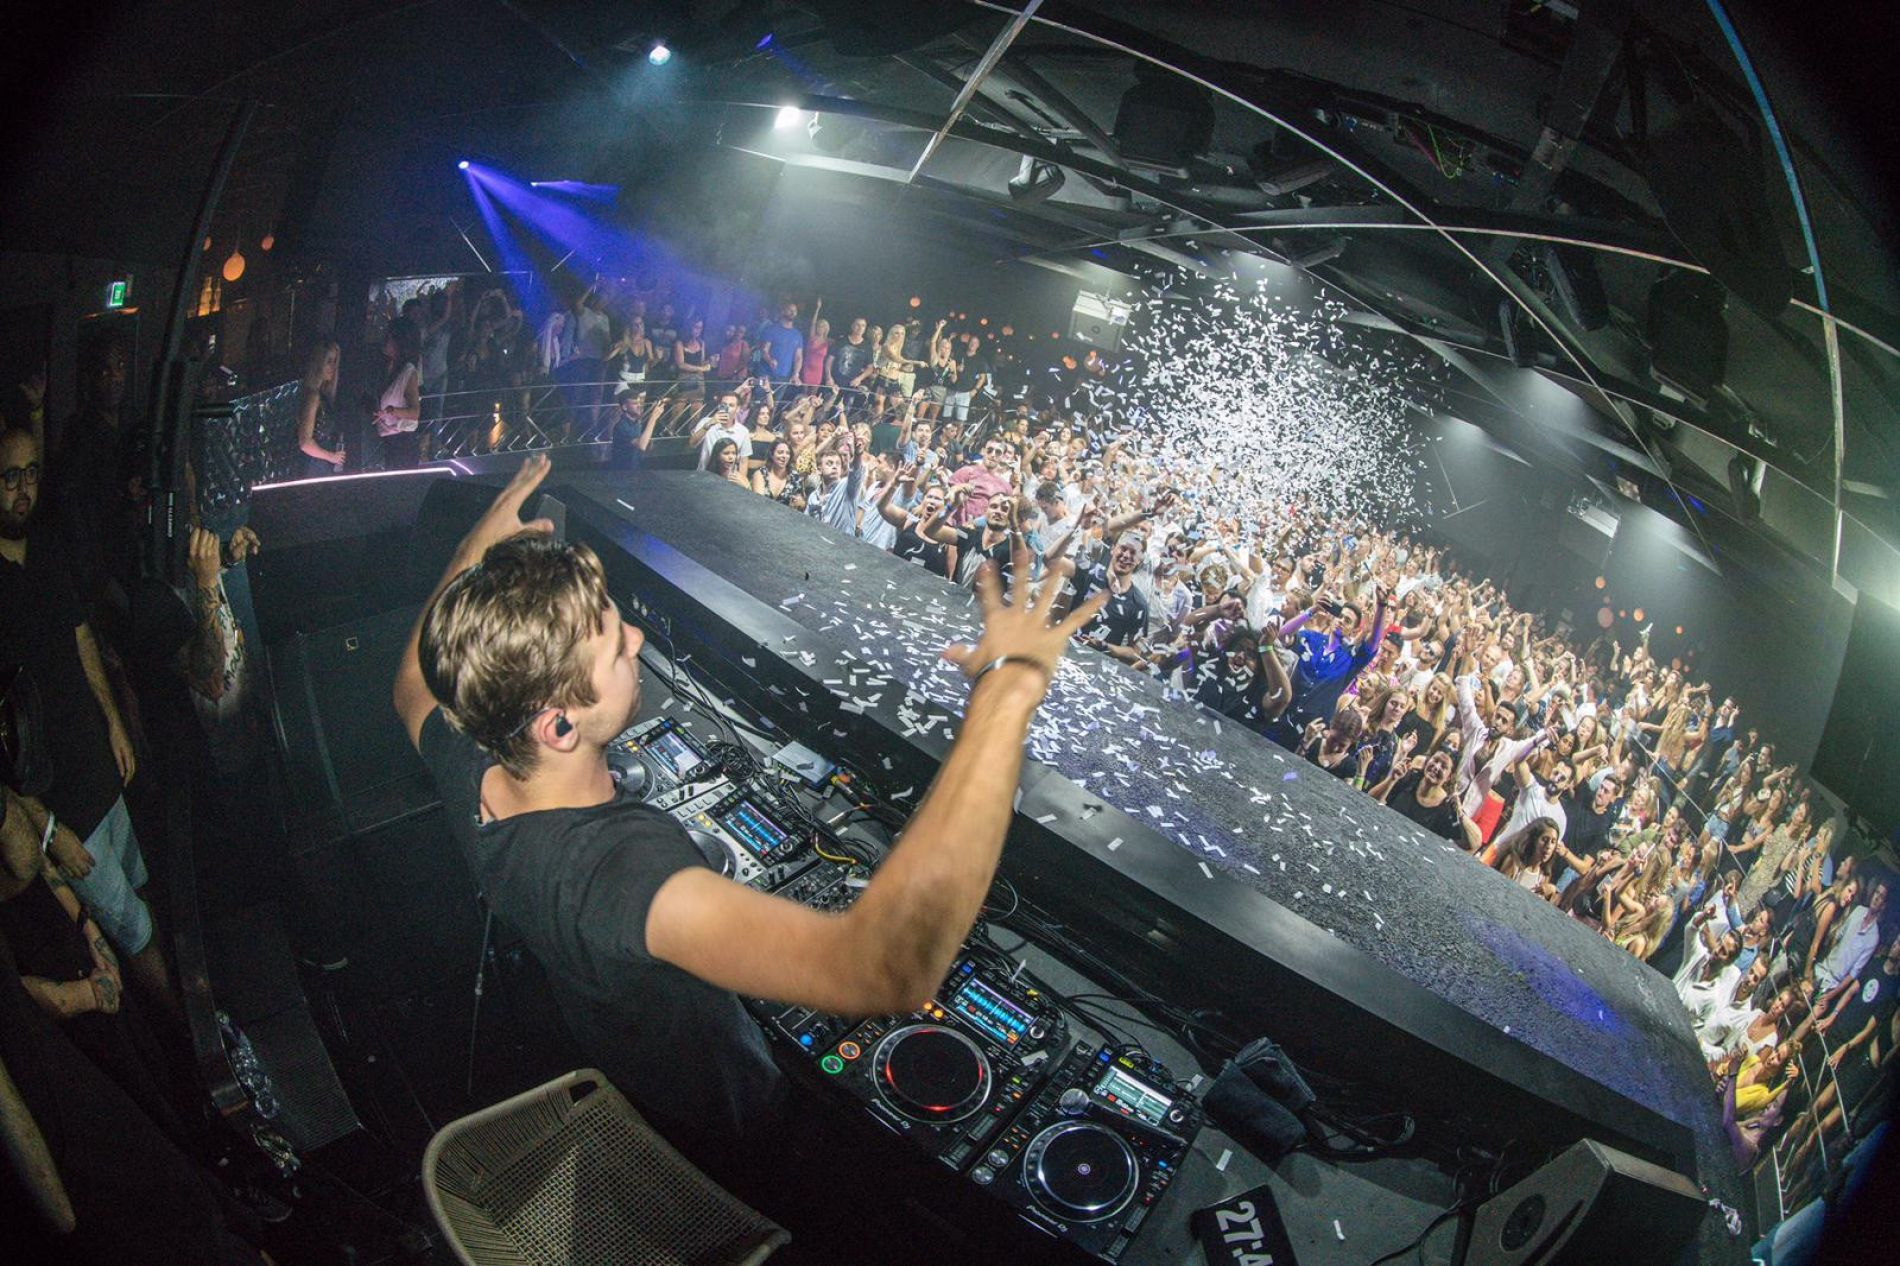 Win a trip to Sam Feldt's show at Hï Ibiza!